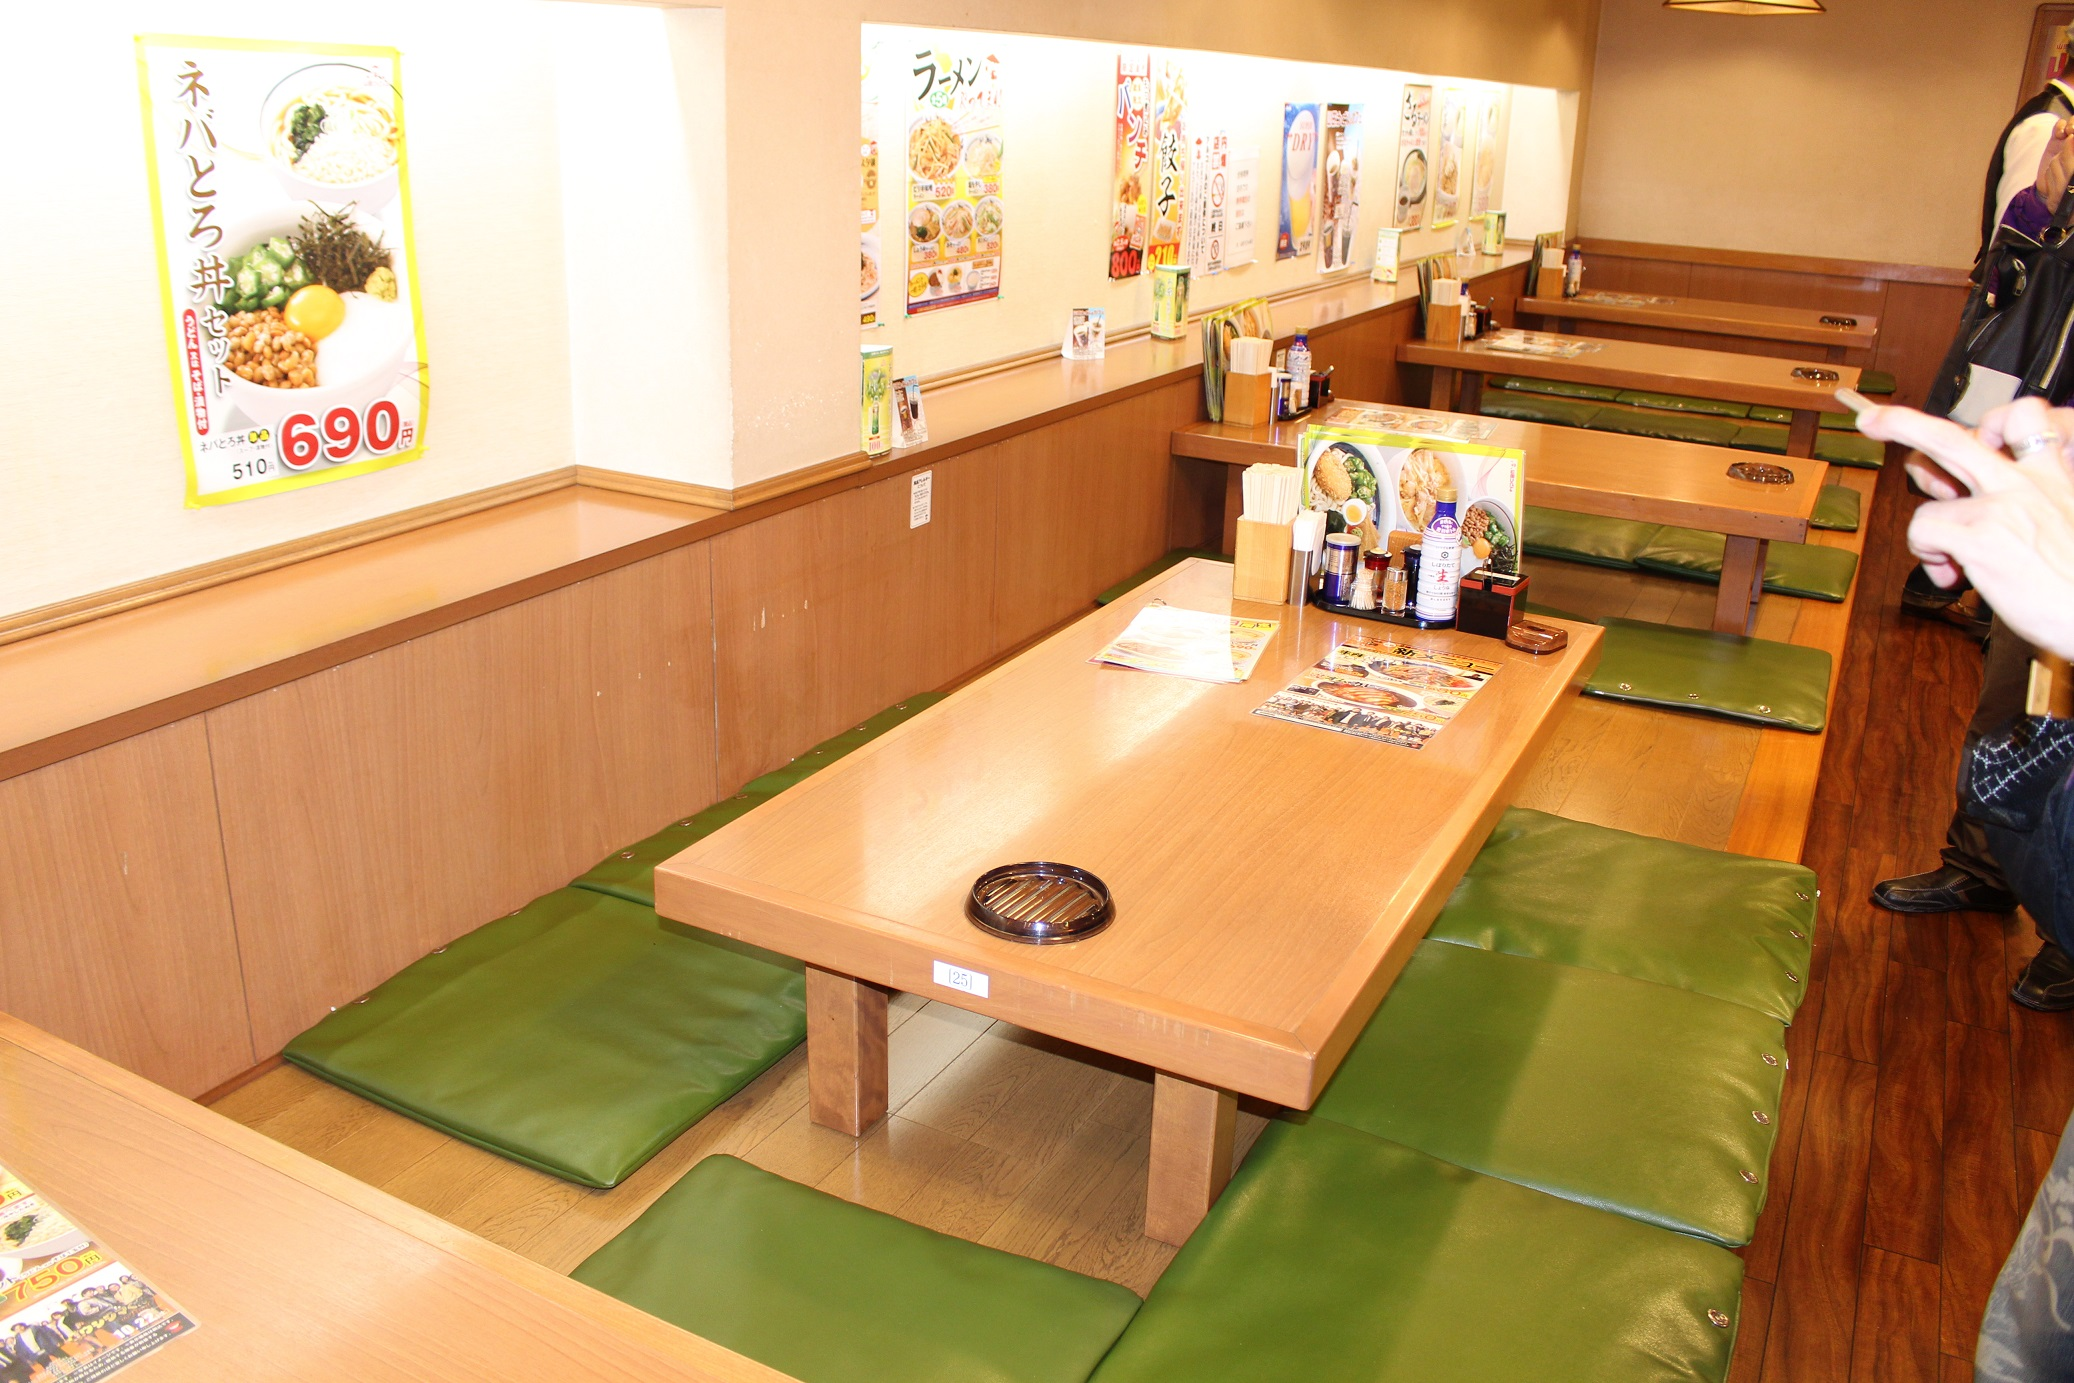 マス岡田が行く第一回『高城れにの週末ももクロ☆パンチ』を山田うどん本店で聞く。2016年10月1日投稿ナビゲーション